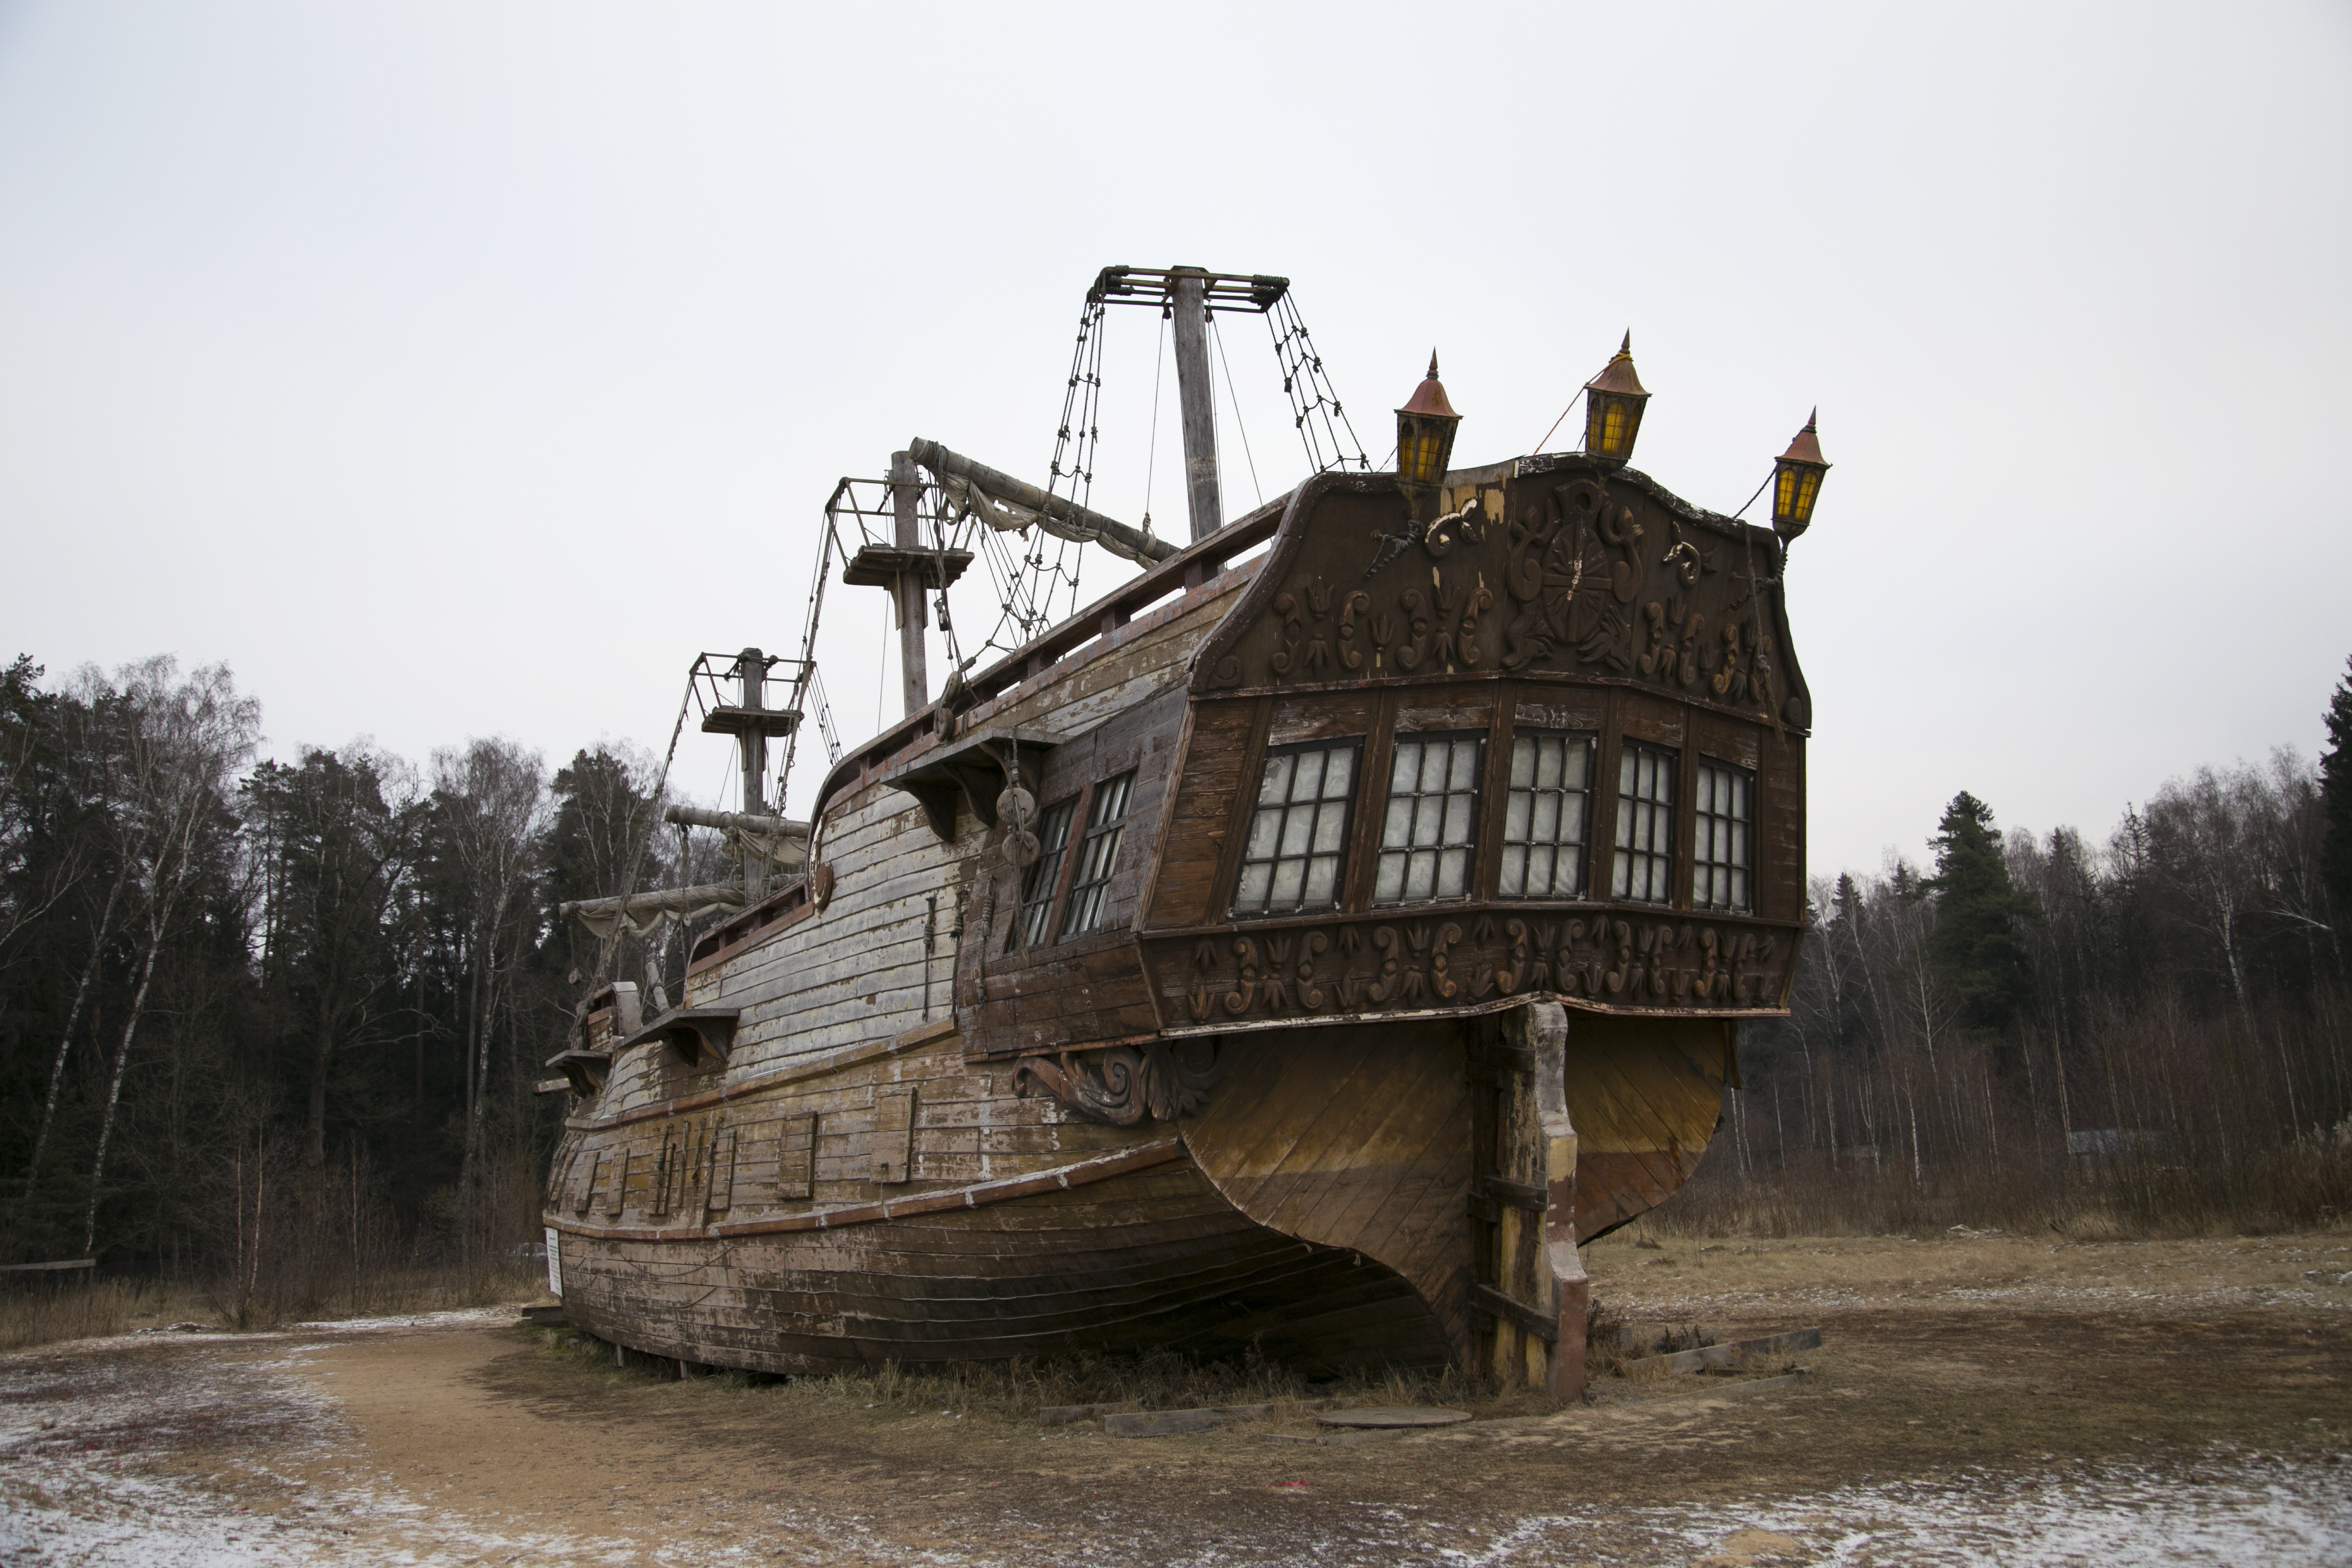 Средневековый корабль, декорации к фильму на территории усадьбы Середниково